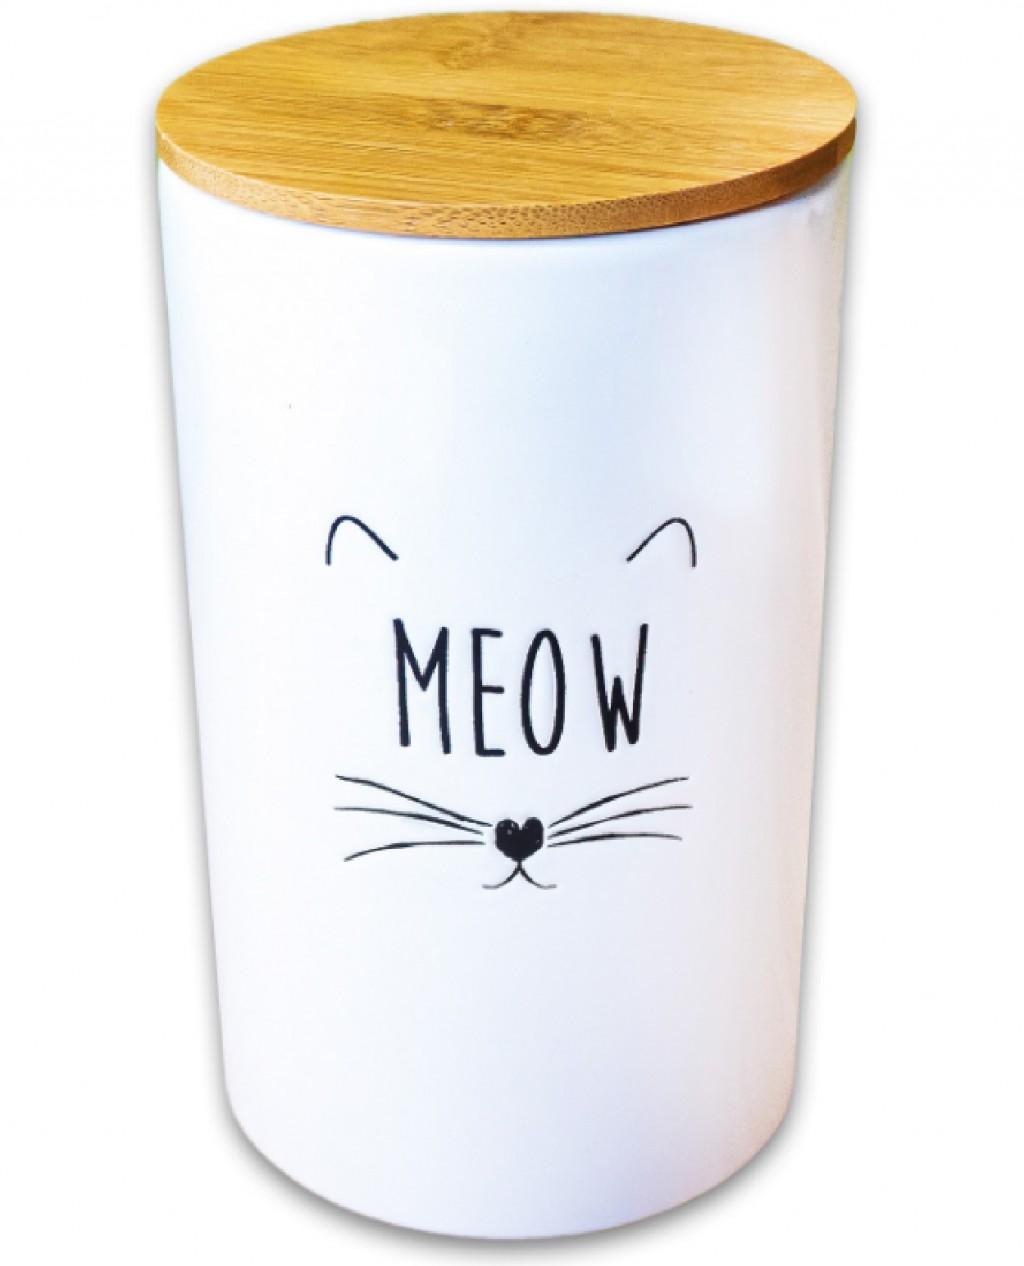 КерамикАрт Емкость Meow для хранения корма и лакомств для кошек, 1,7 л, 12,5*20 см, белый, KeramikArt